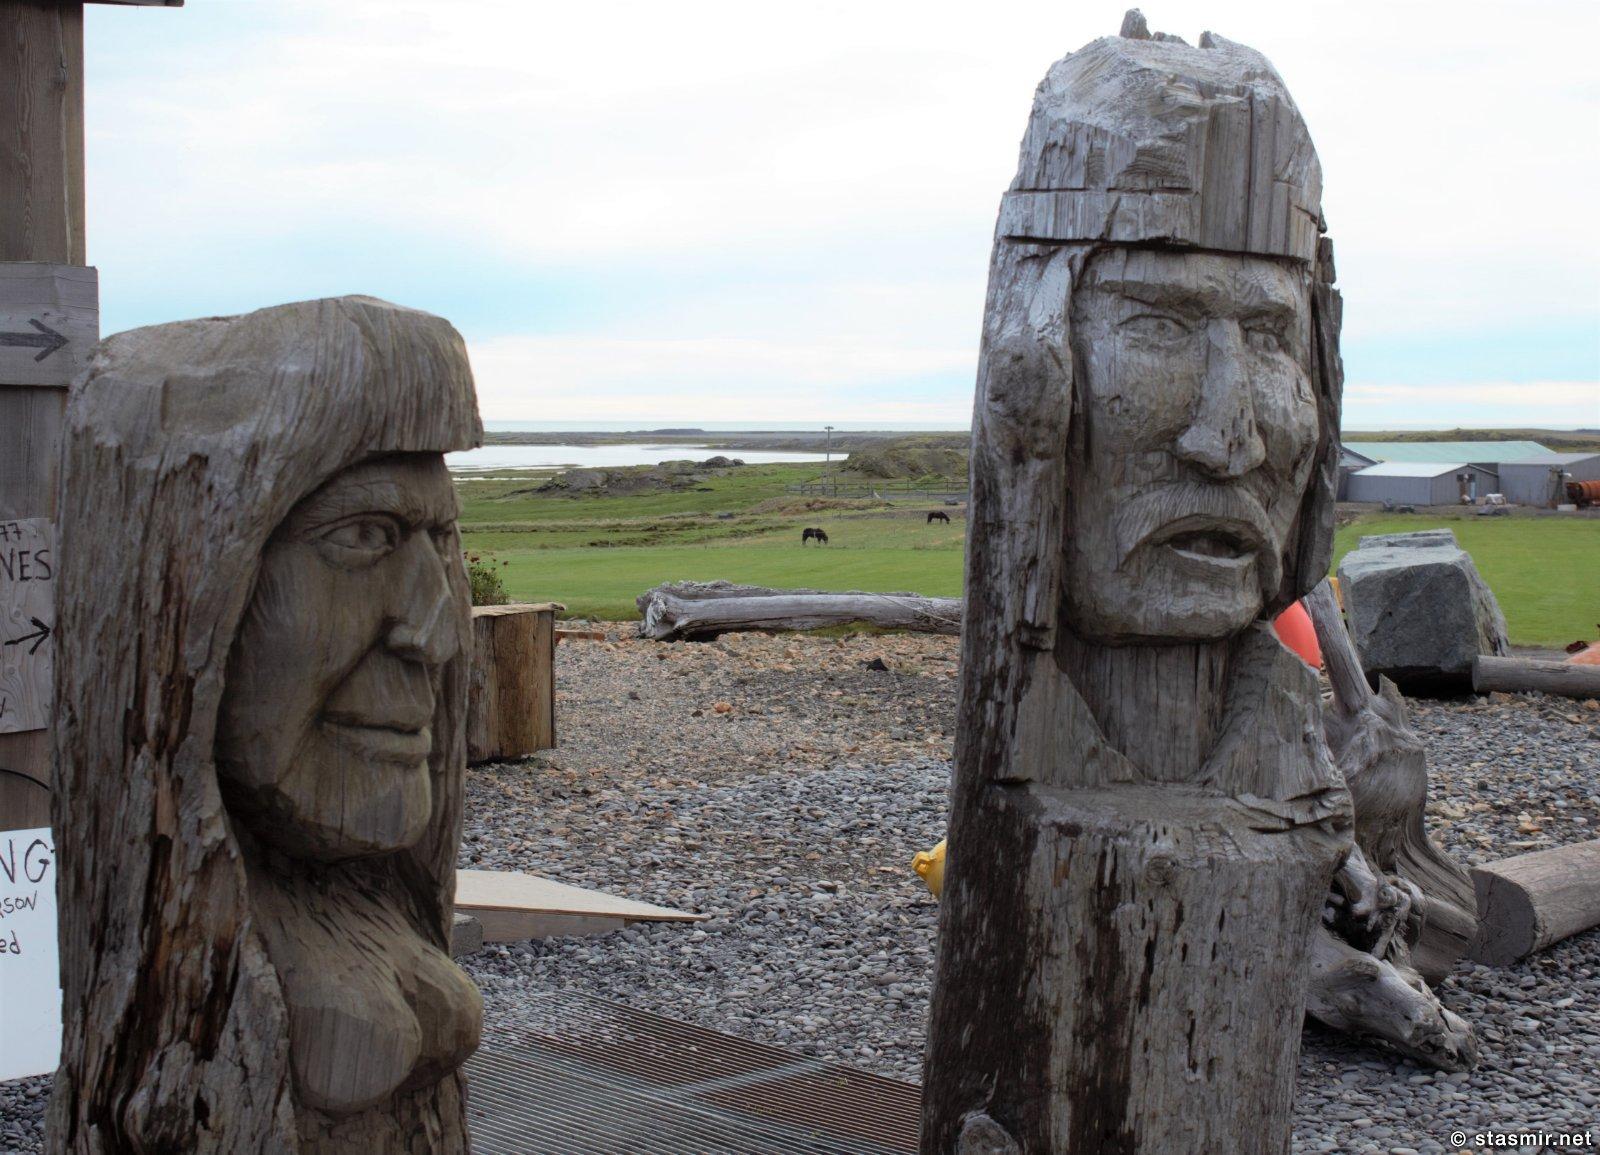 резные фигурки викингов, Восточная Исландия, фото Стасмир, photo Stasmir